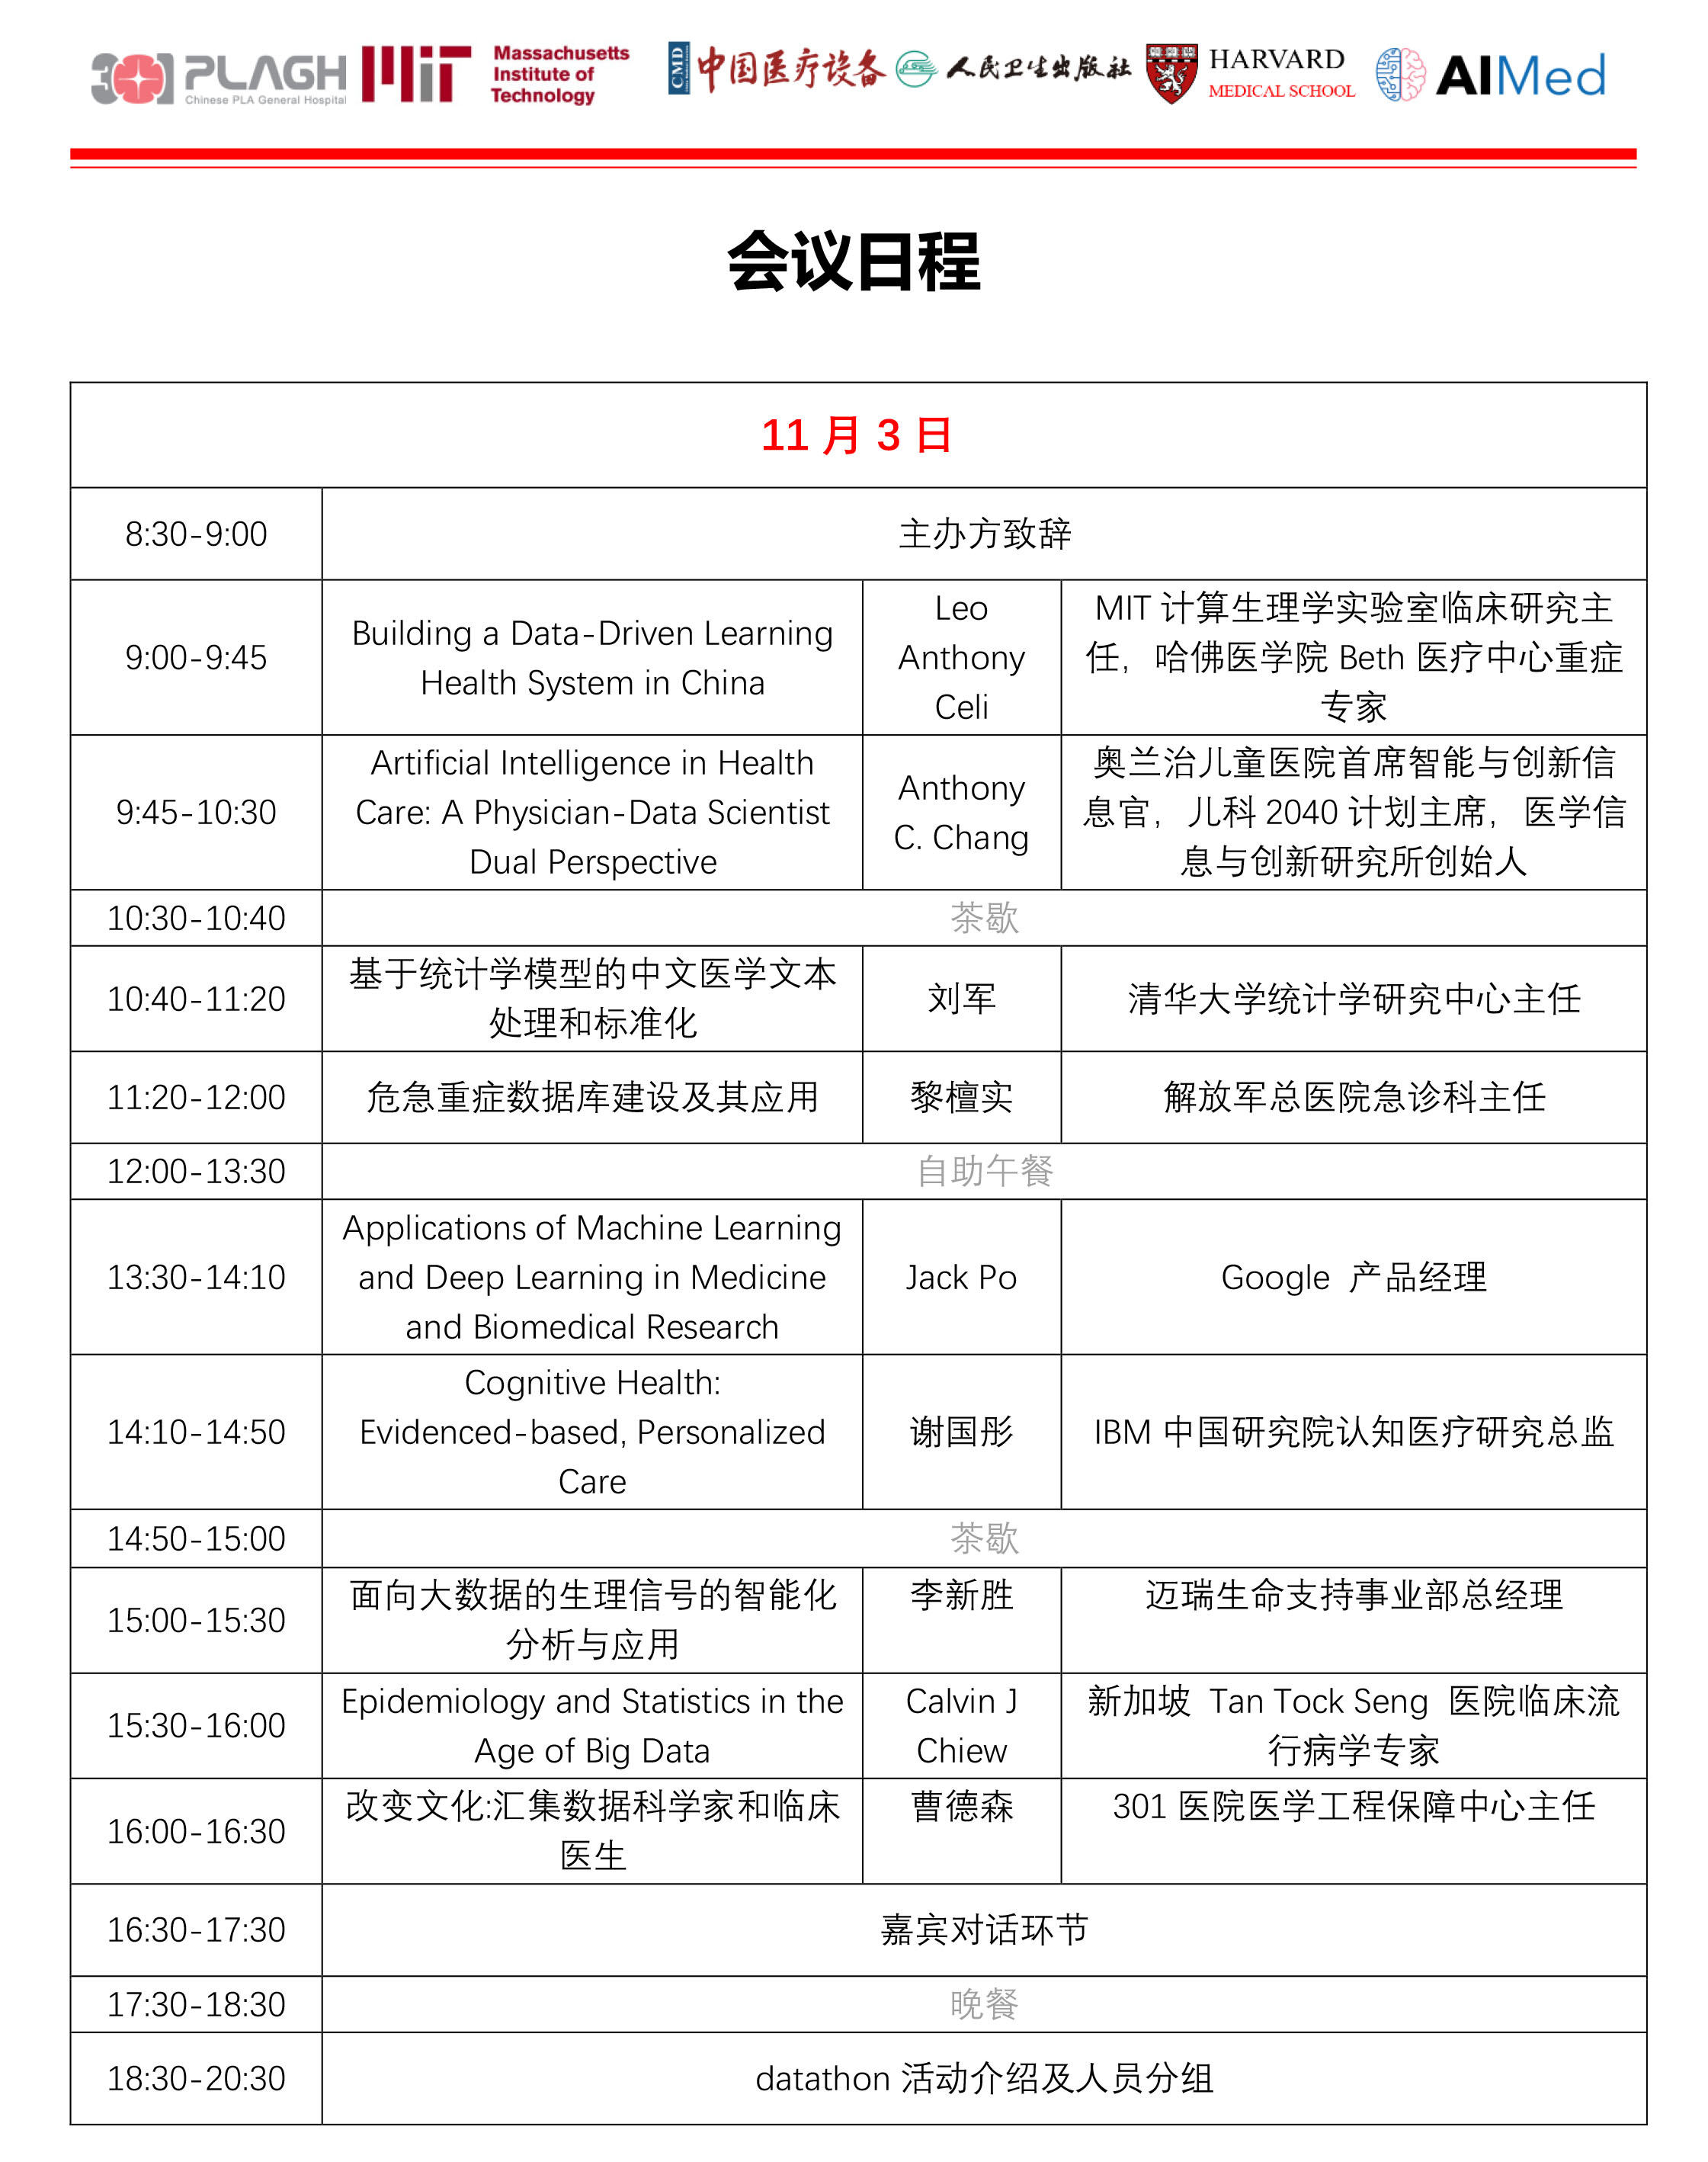 2017解放军总医院-麻省理工学院医疗大数据交流研讨会